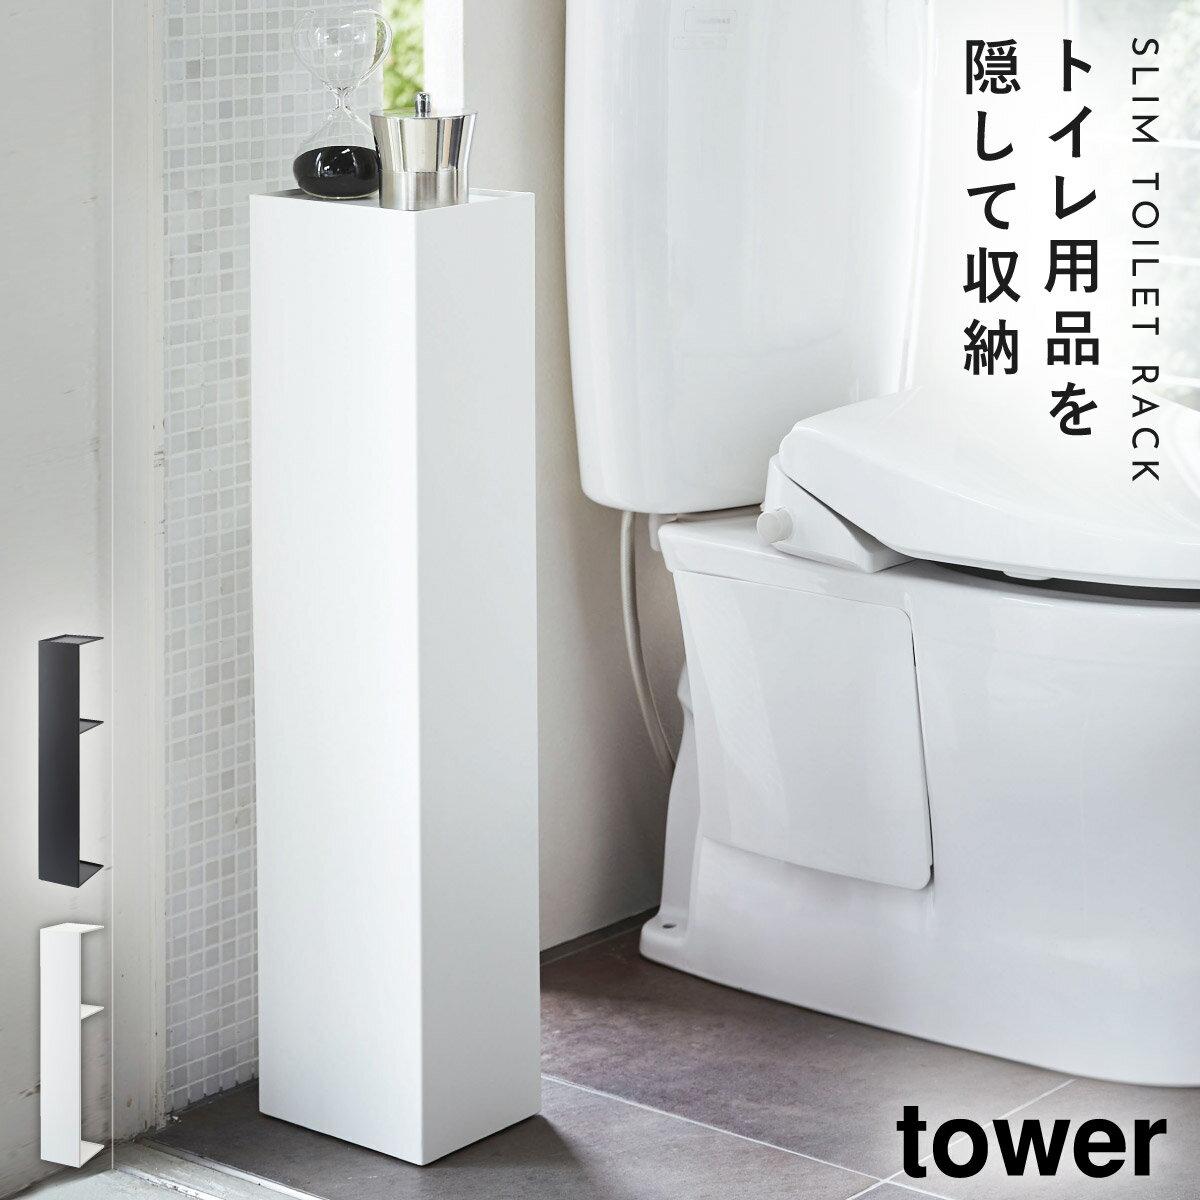 トイレットペーパーストッカー トイレットペーパー収納 スリムトイレラック タワー トイレタリー 白い 黒 tower